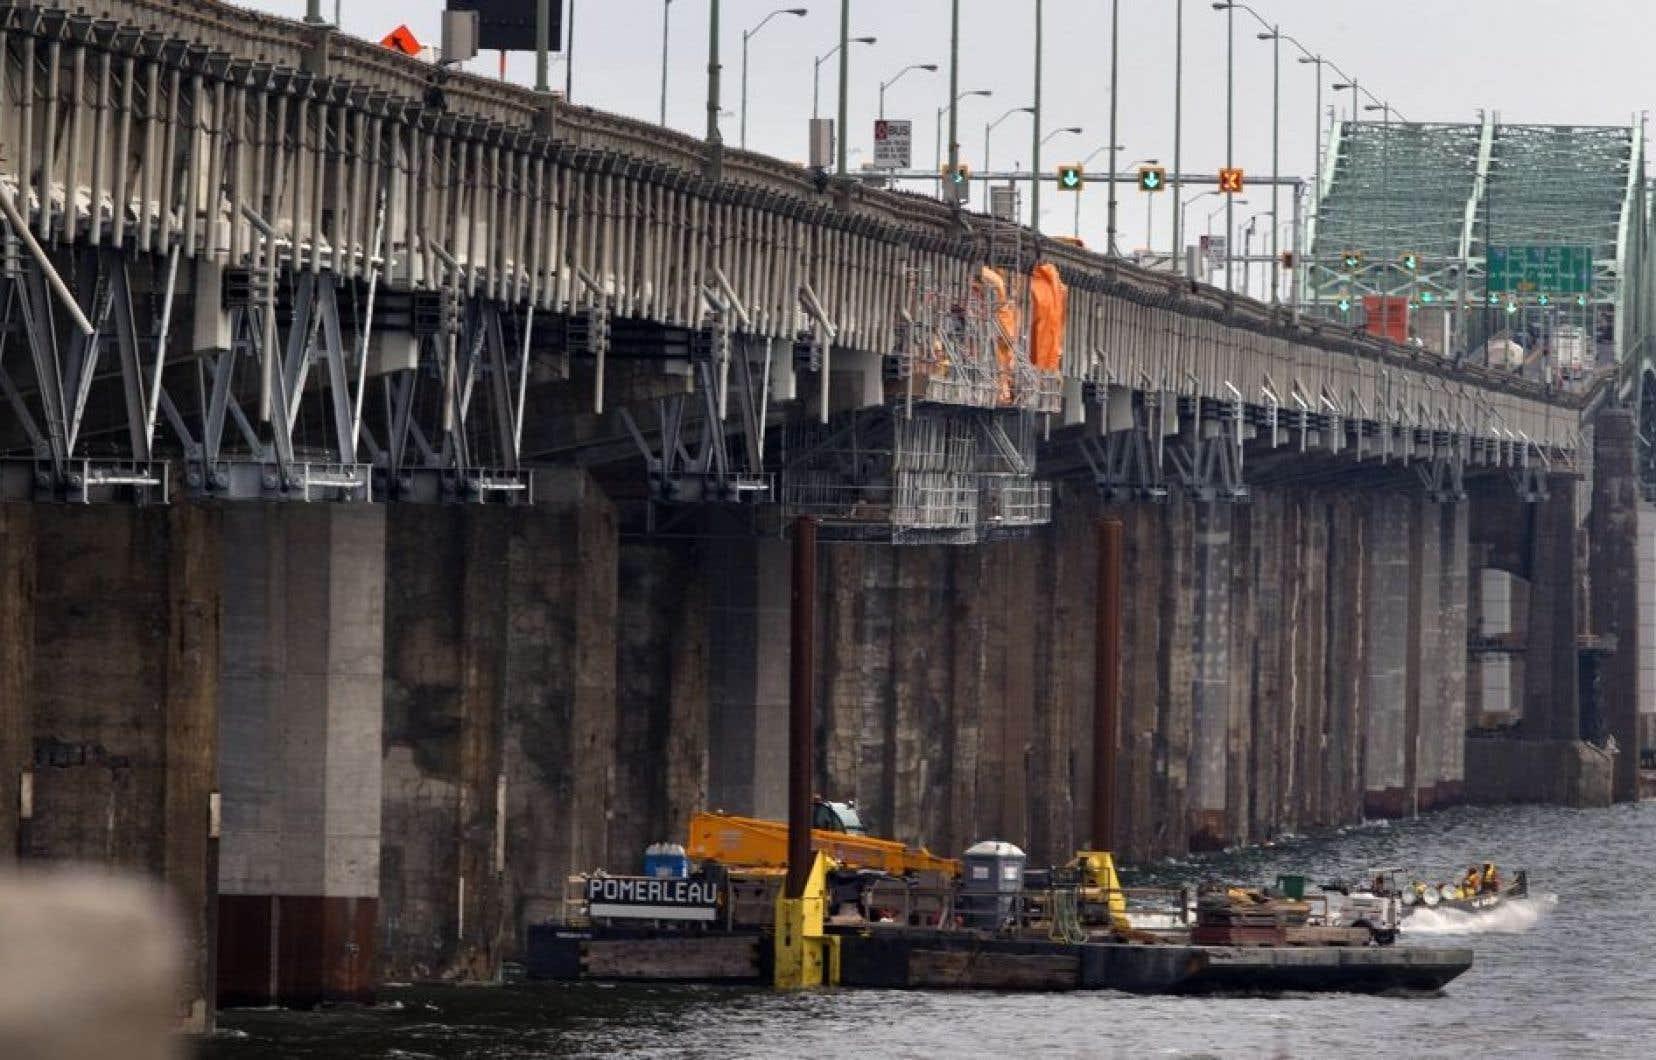 Lors d'un point de presse à Montréal, M. Lebel a dû reconnaître que la dégradation précoce du pont Champlain a forcé une cadence accélérée pour les travaux de remplacement.